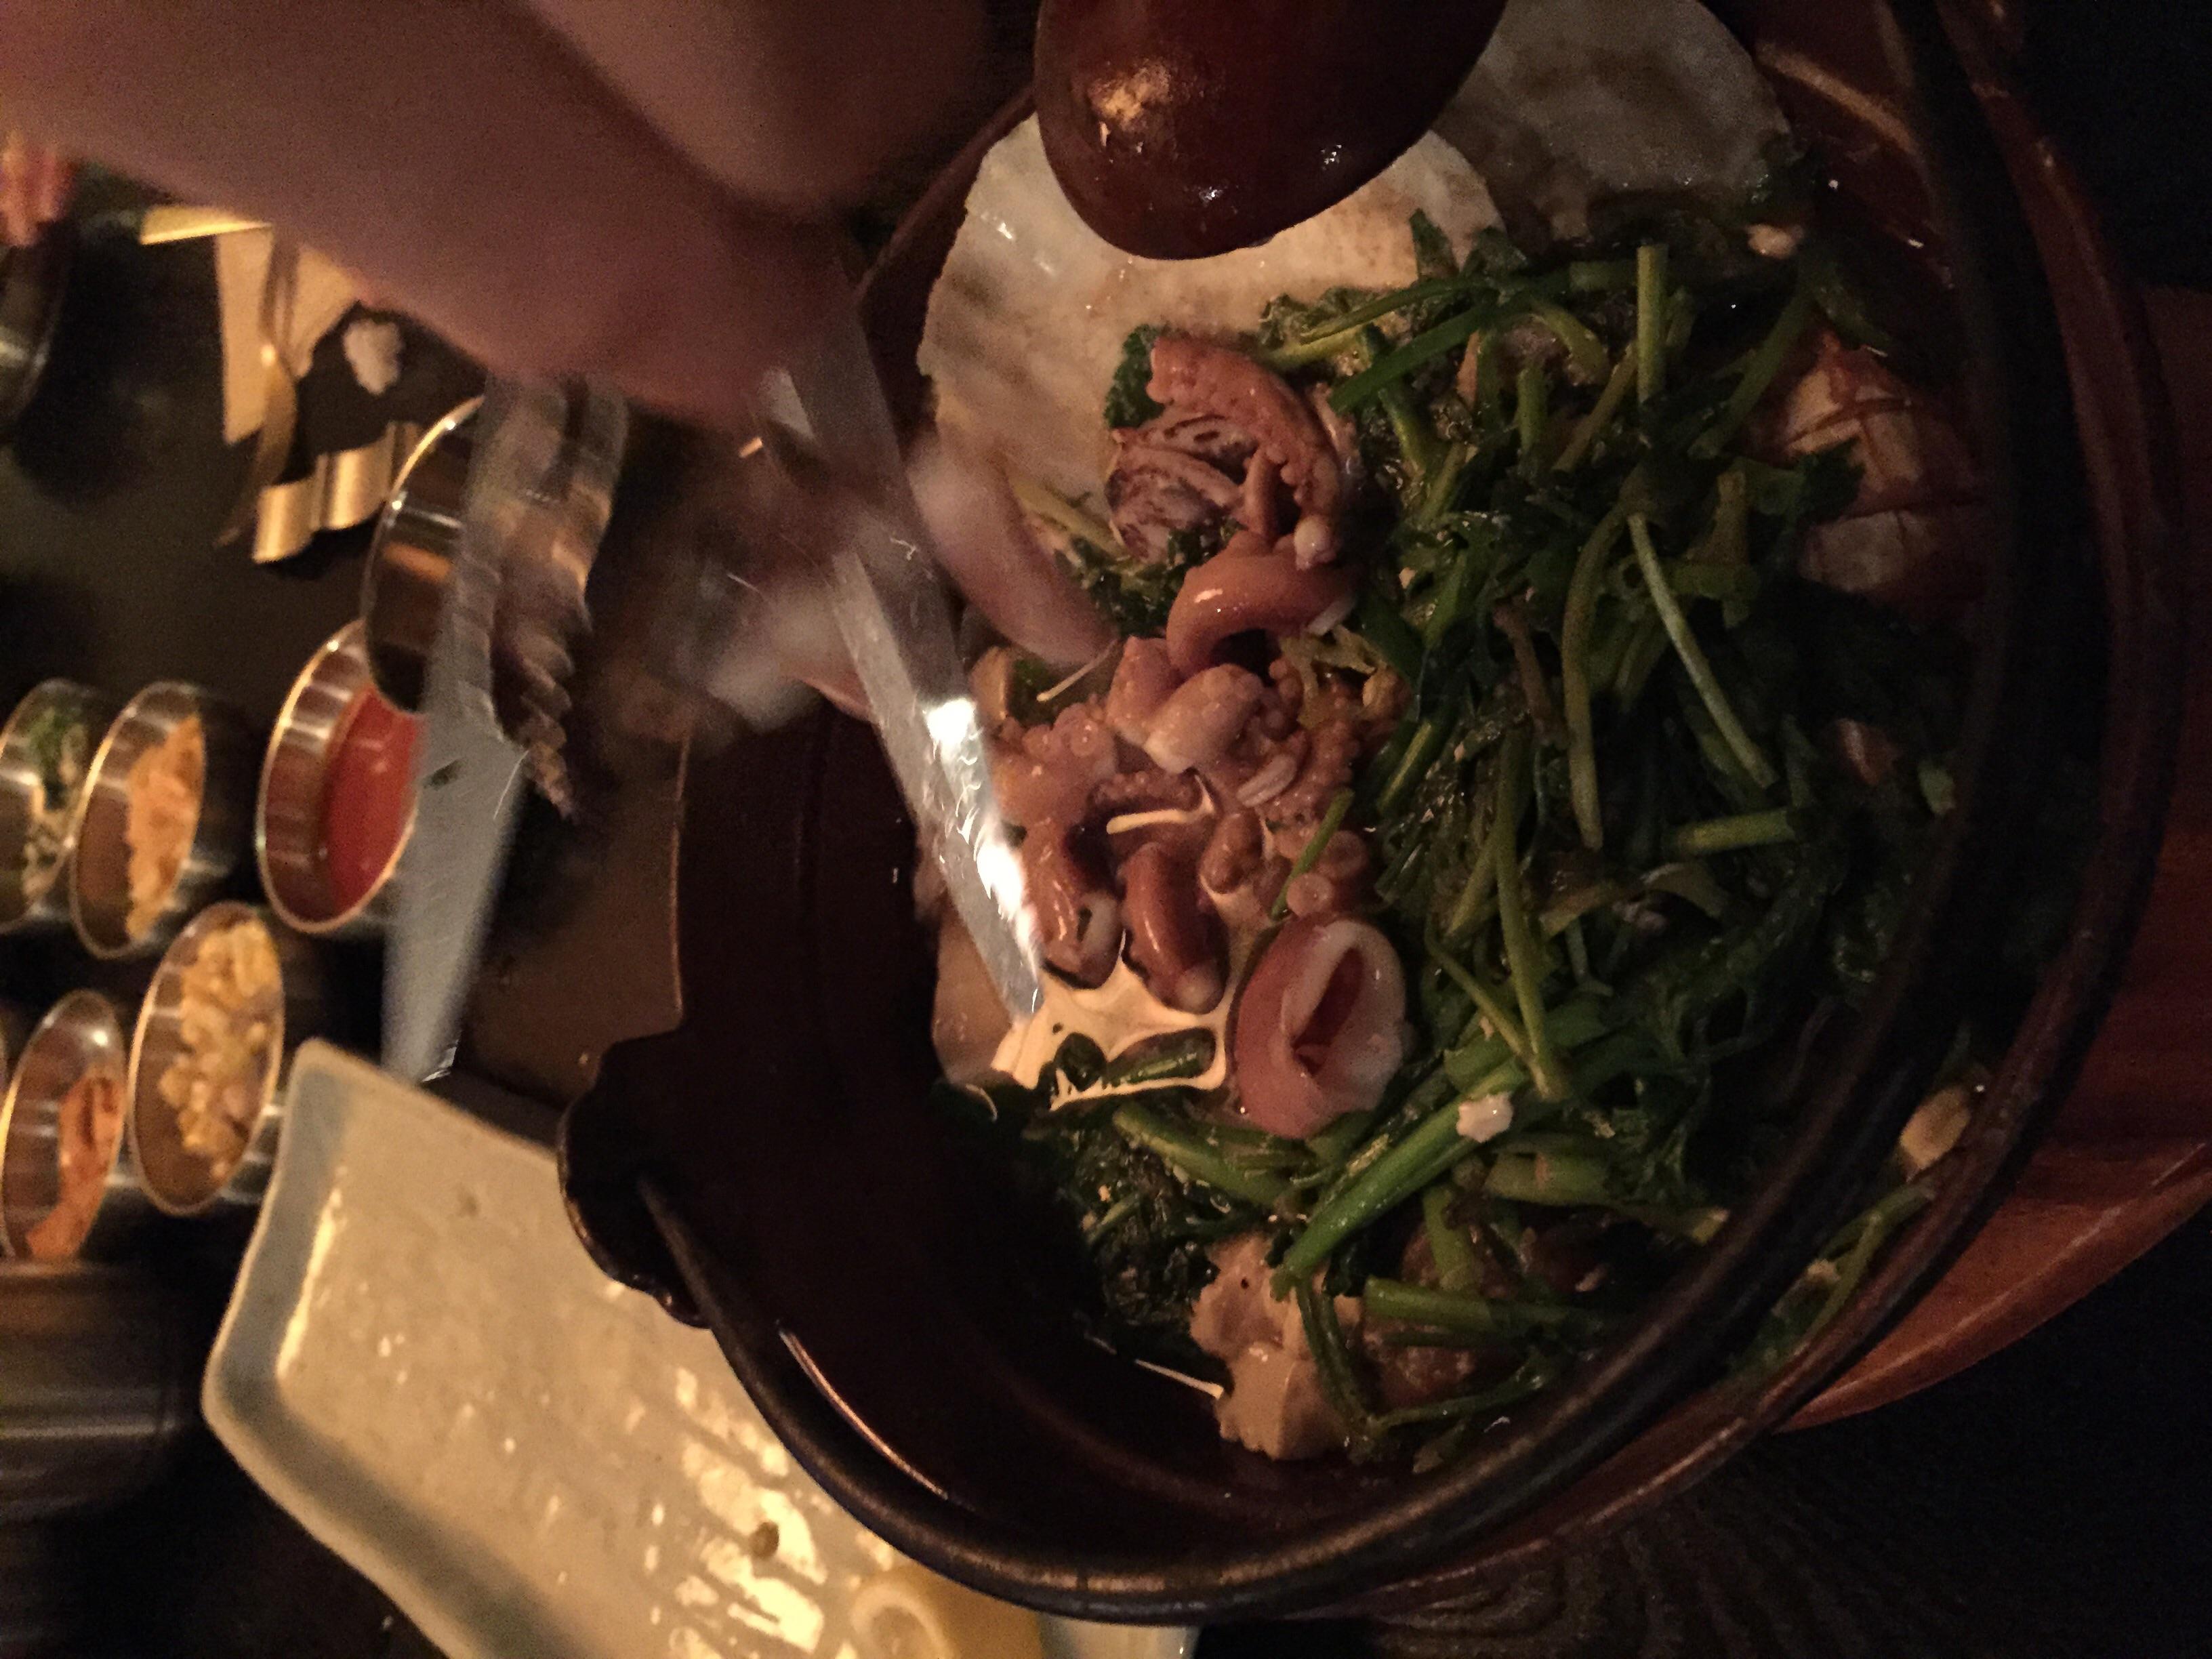 해물 백 순두부 탕 (HehMool Bek SoonDooBoo Tang) -  Seafood in a w  hite broth tofu soup. 40 000won  There is a ton of various seafood in this soup - scallop, clams, abalone, langoustine along with vegetables and octopus.